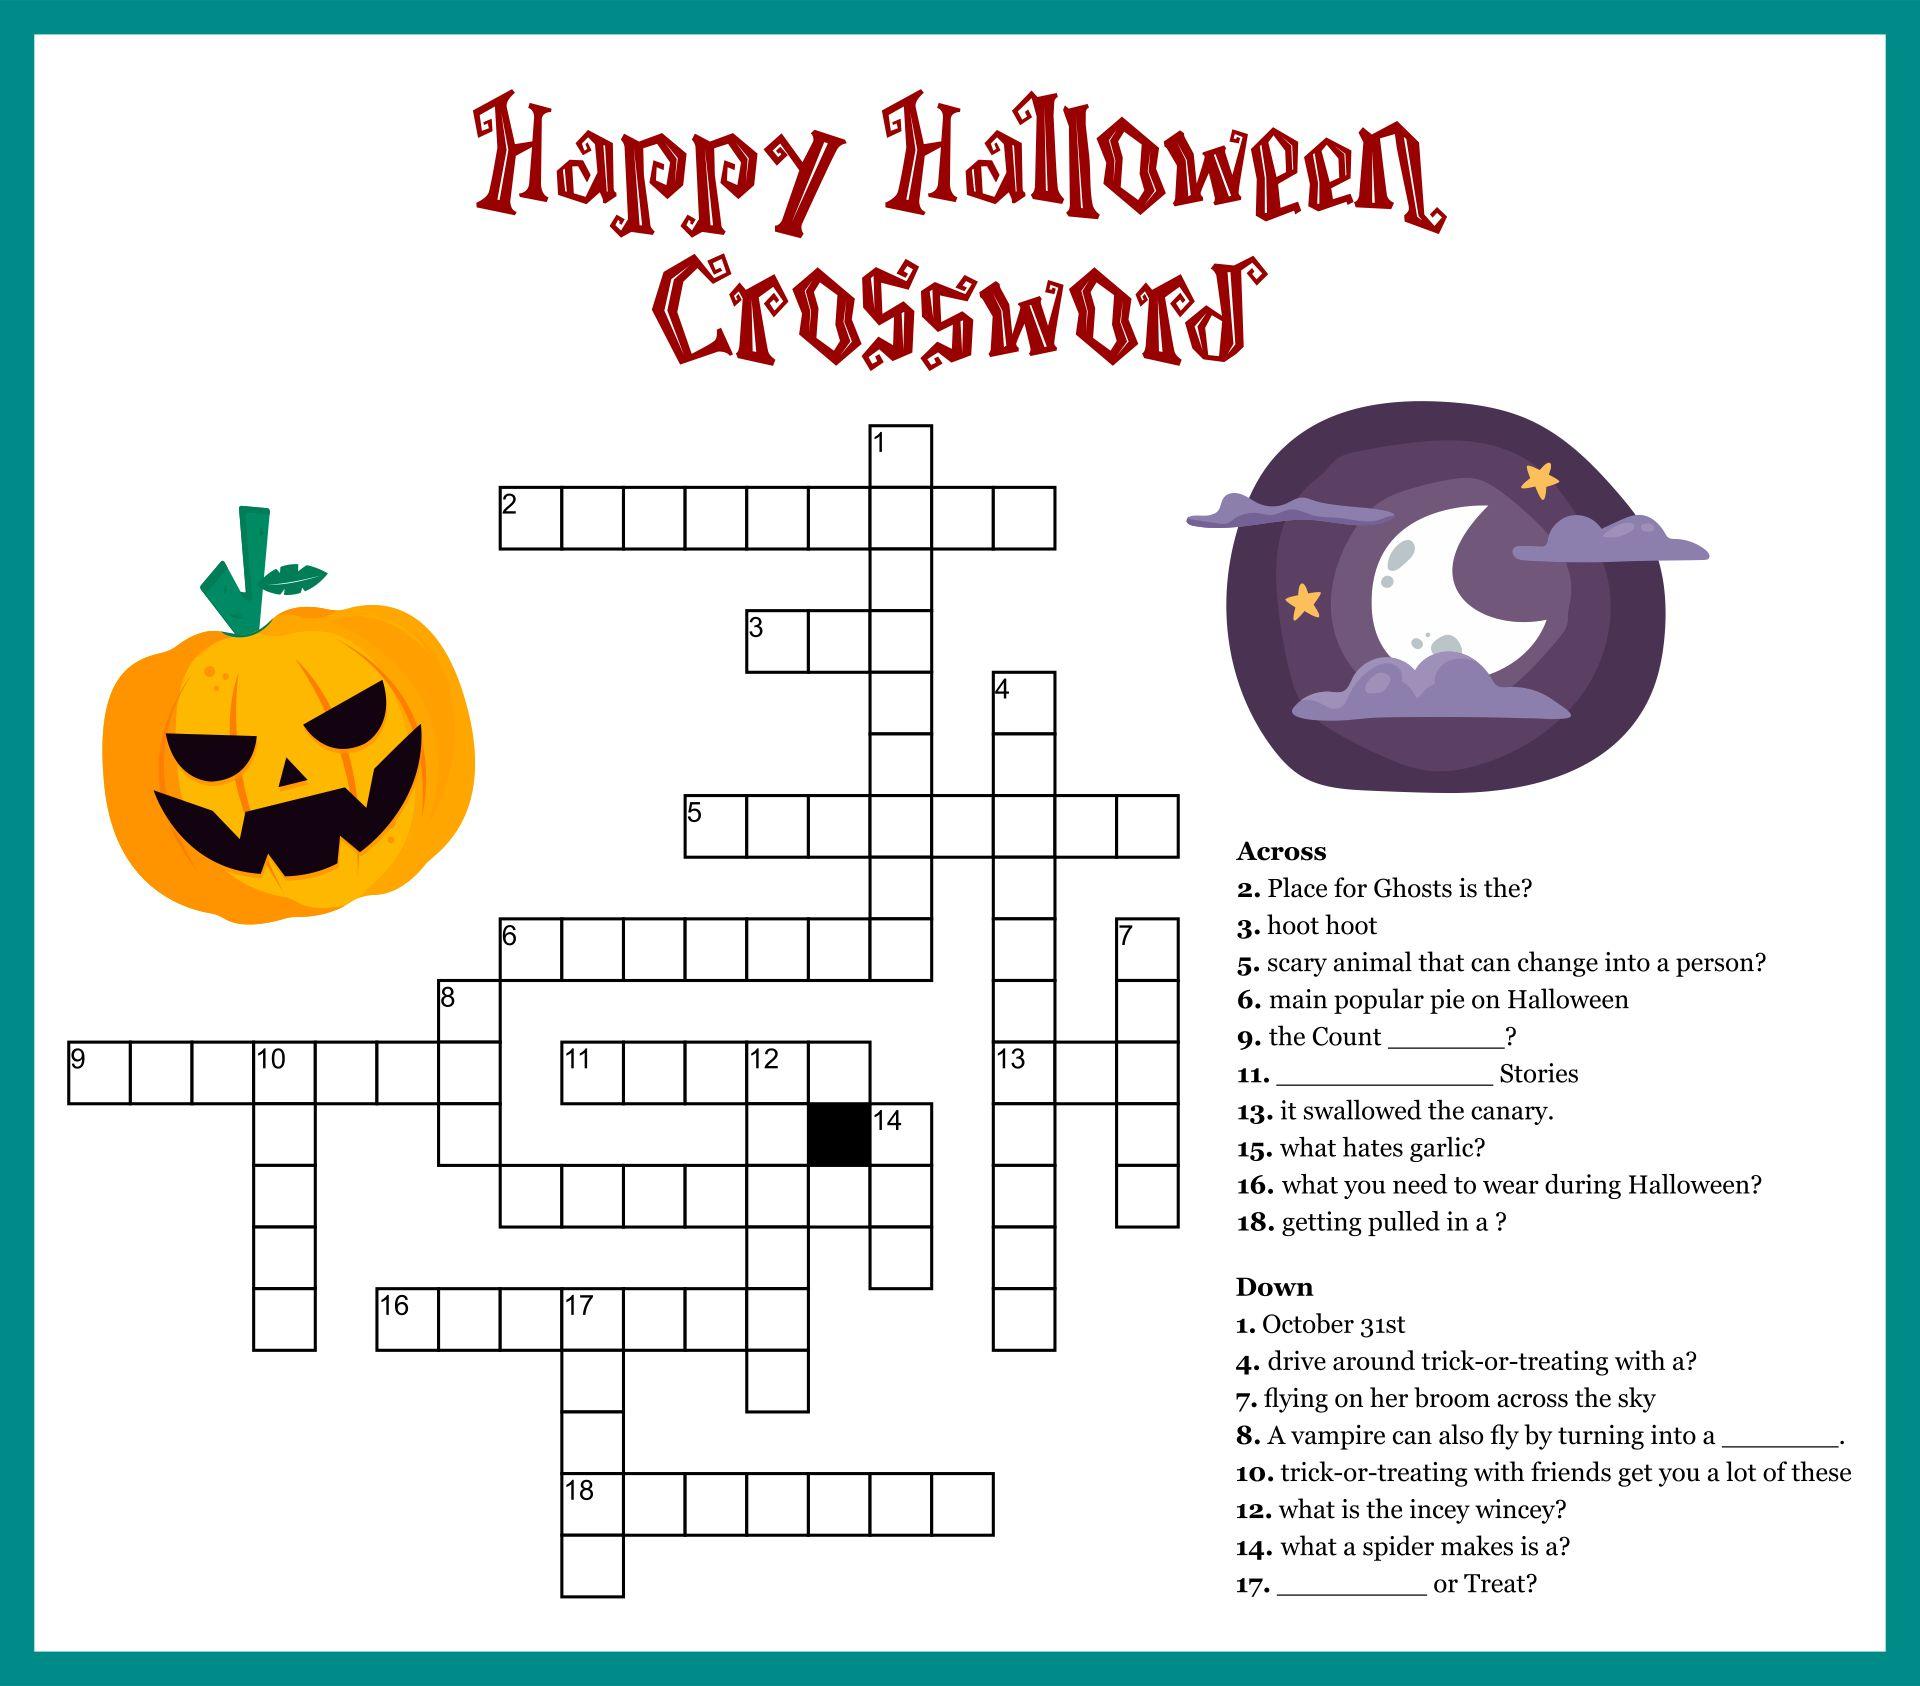 Easy Halloween Crossword Puzzles Printable